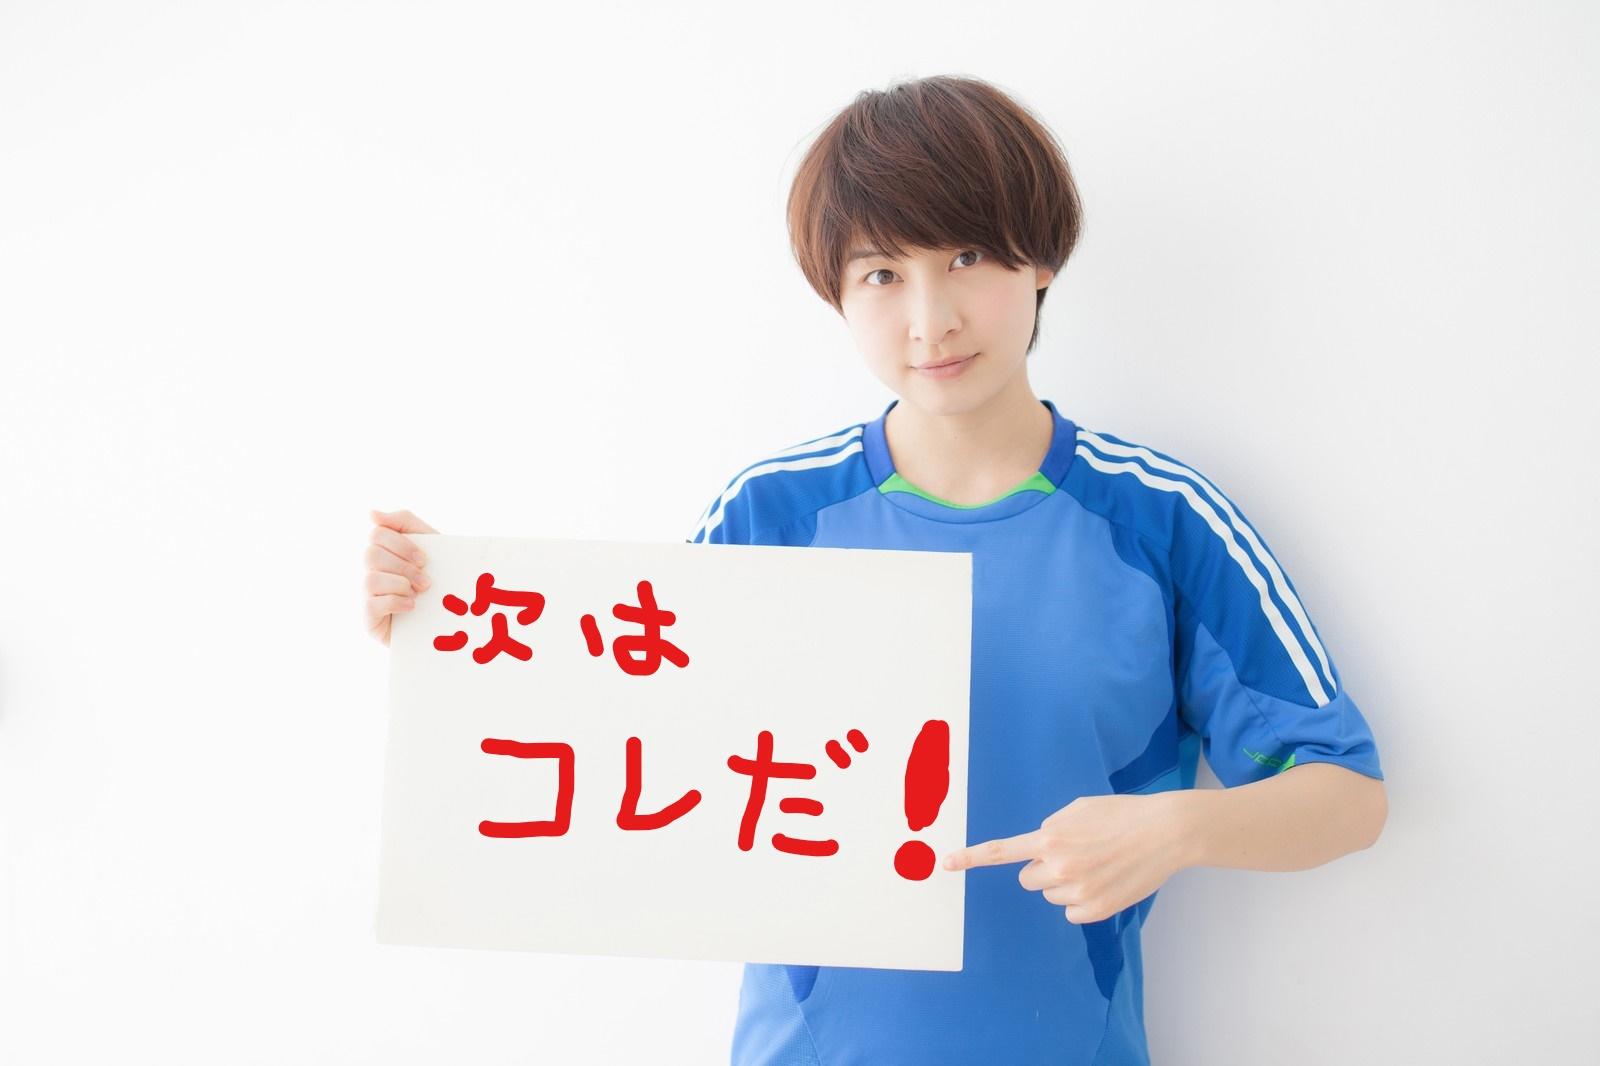 日本代表 監督 後任 予想 画像